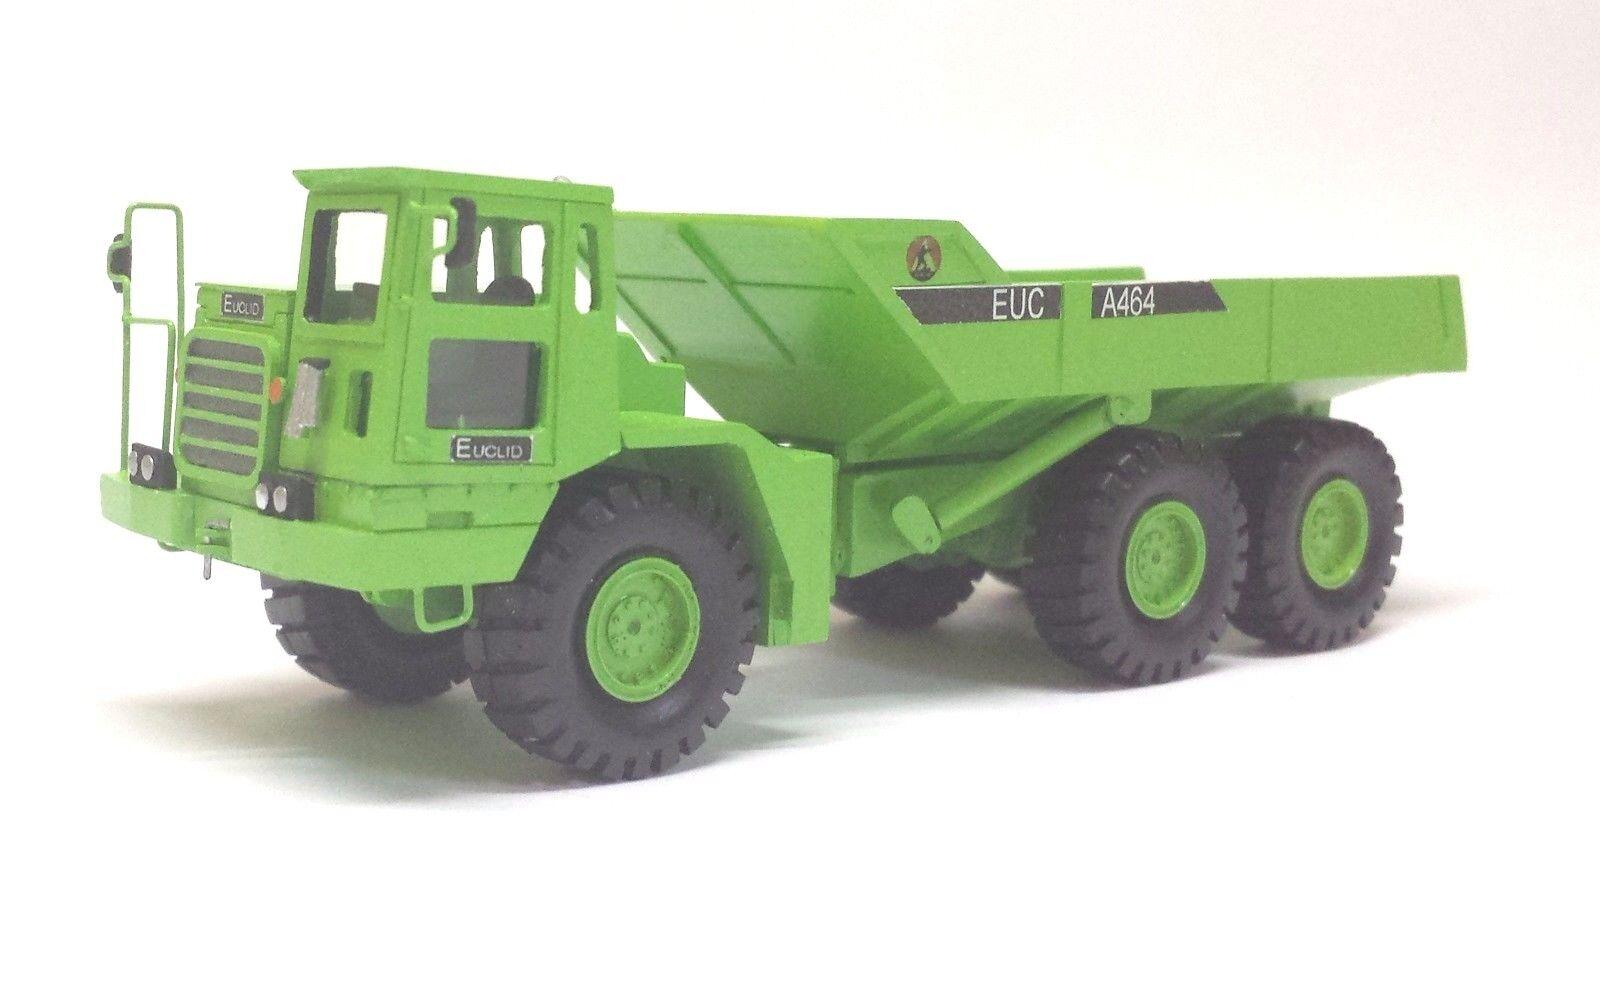 1 87 Euclid A-464 - Handbuilt resin model